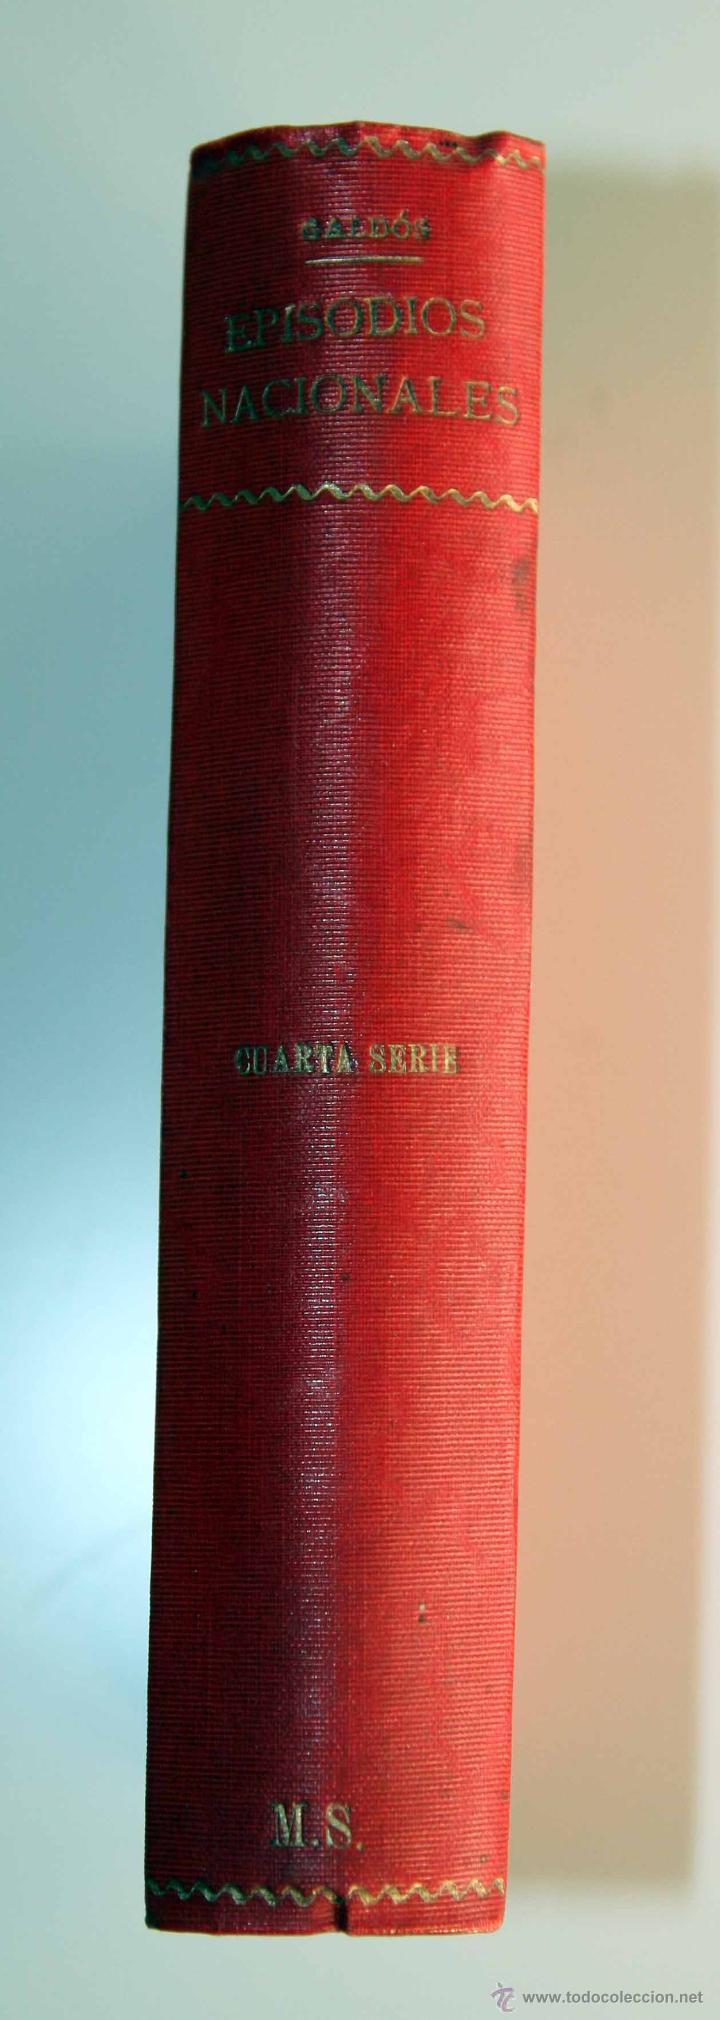 Libros antiguos: GALDÓS. EPISODIOS NACIONALES CUARTA SERIE. CARLOS VI EN LA RÁPITA (1905) LA NUMANCIA (1906) - Foto 3 - 42216433